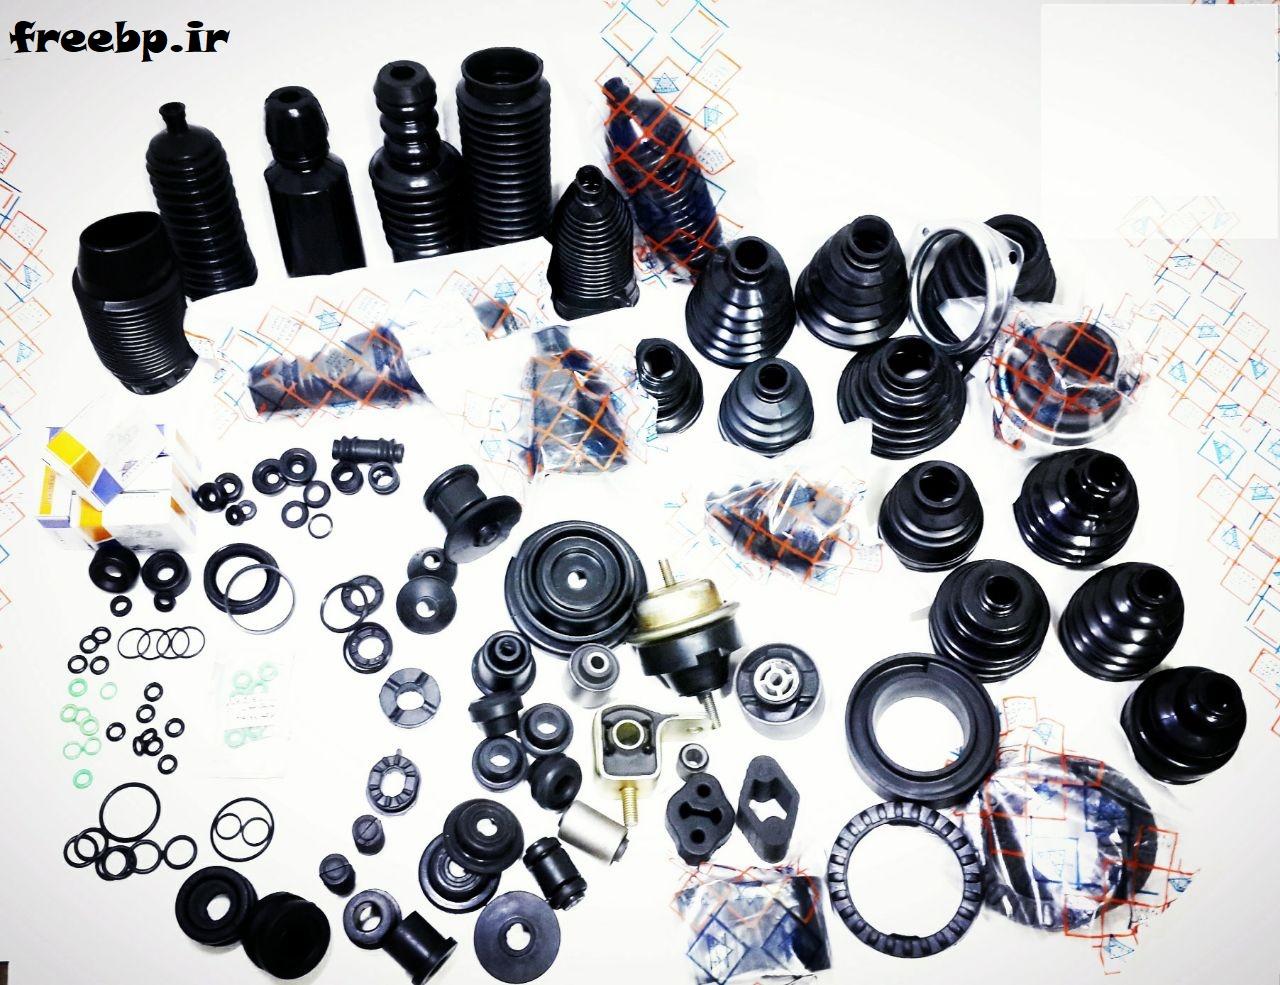 طرح تولید قطعات لاستیکی خودرو - freebp.ir